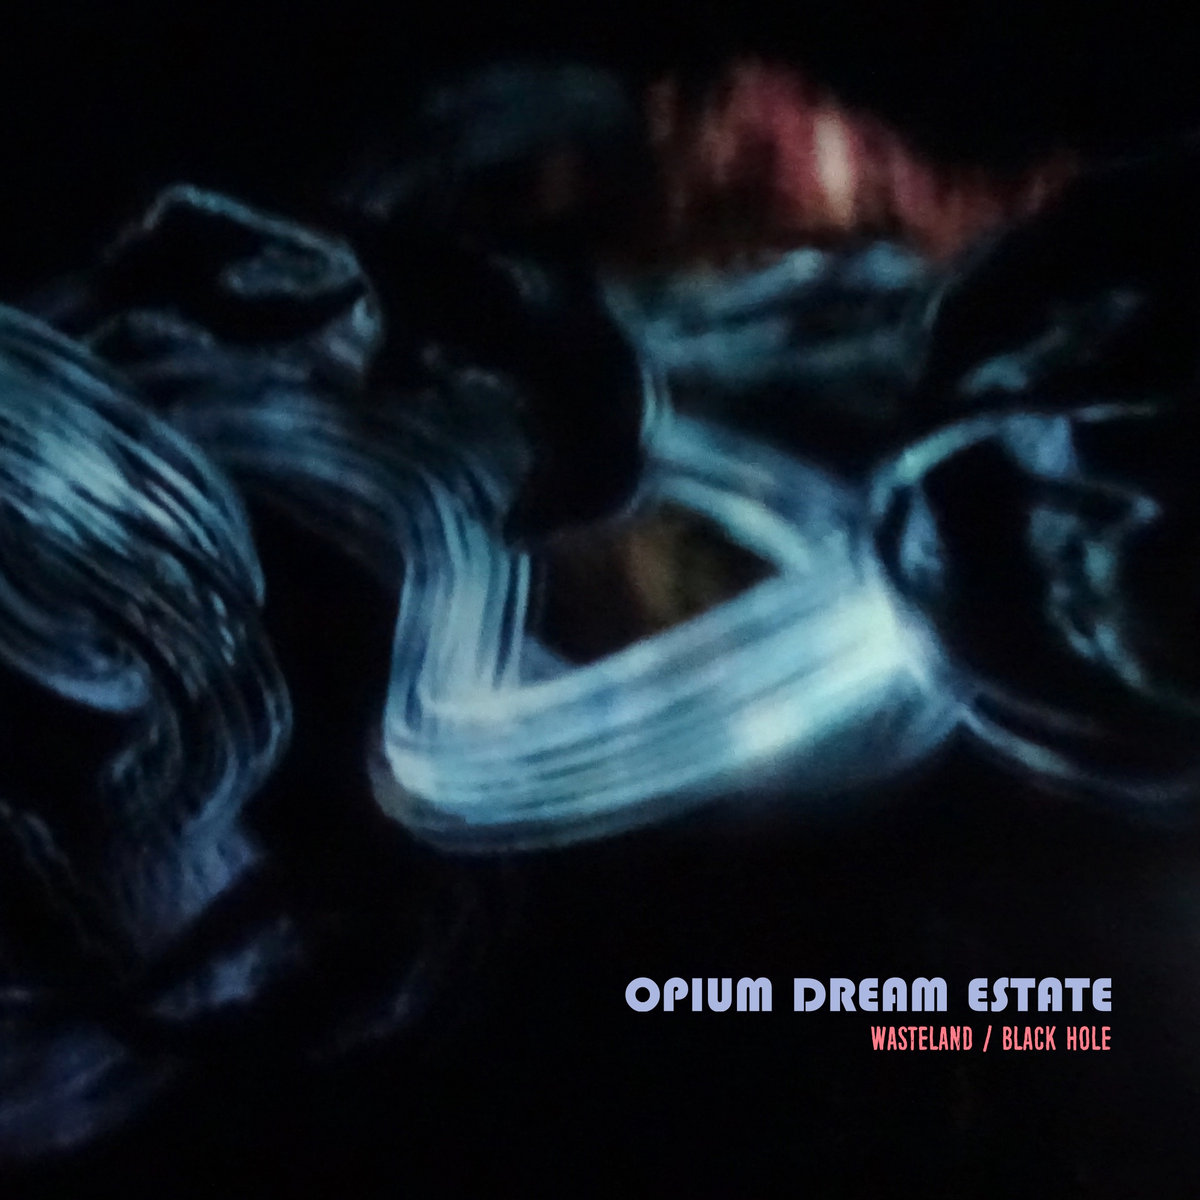 Opium Dream Estate